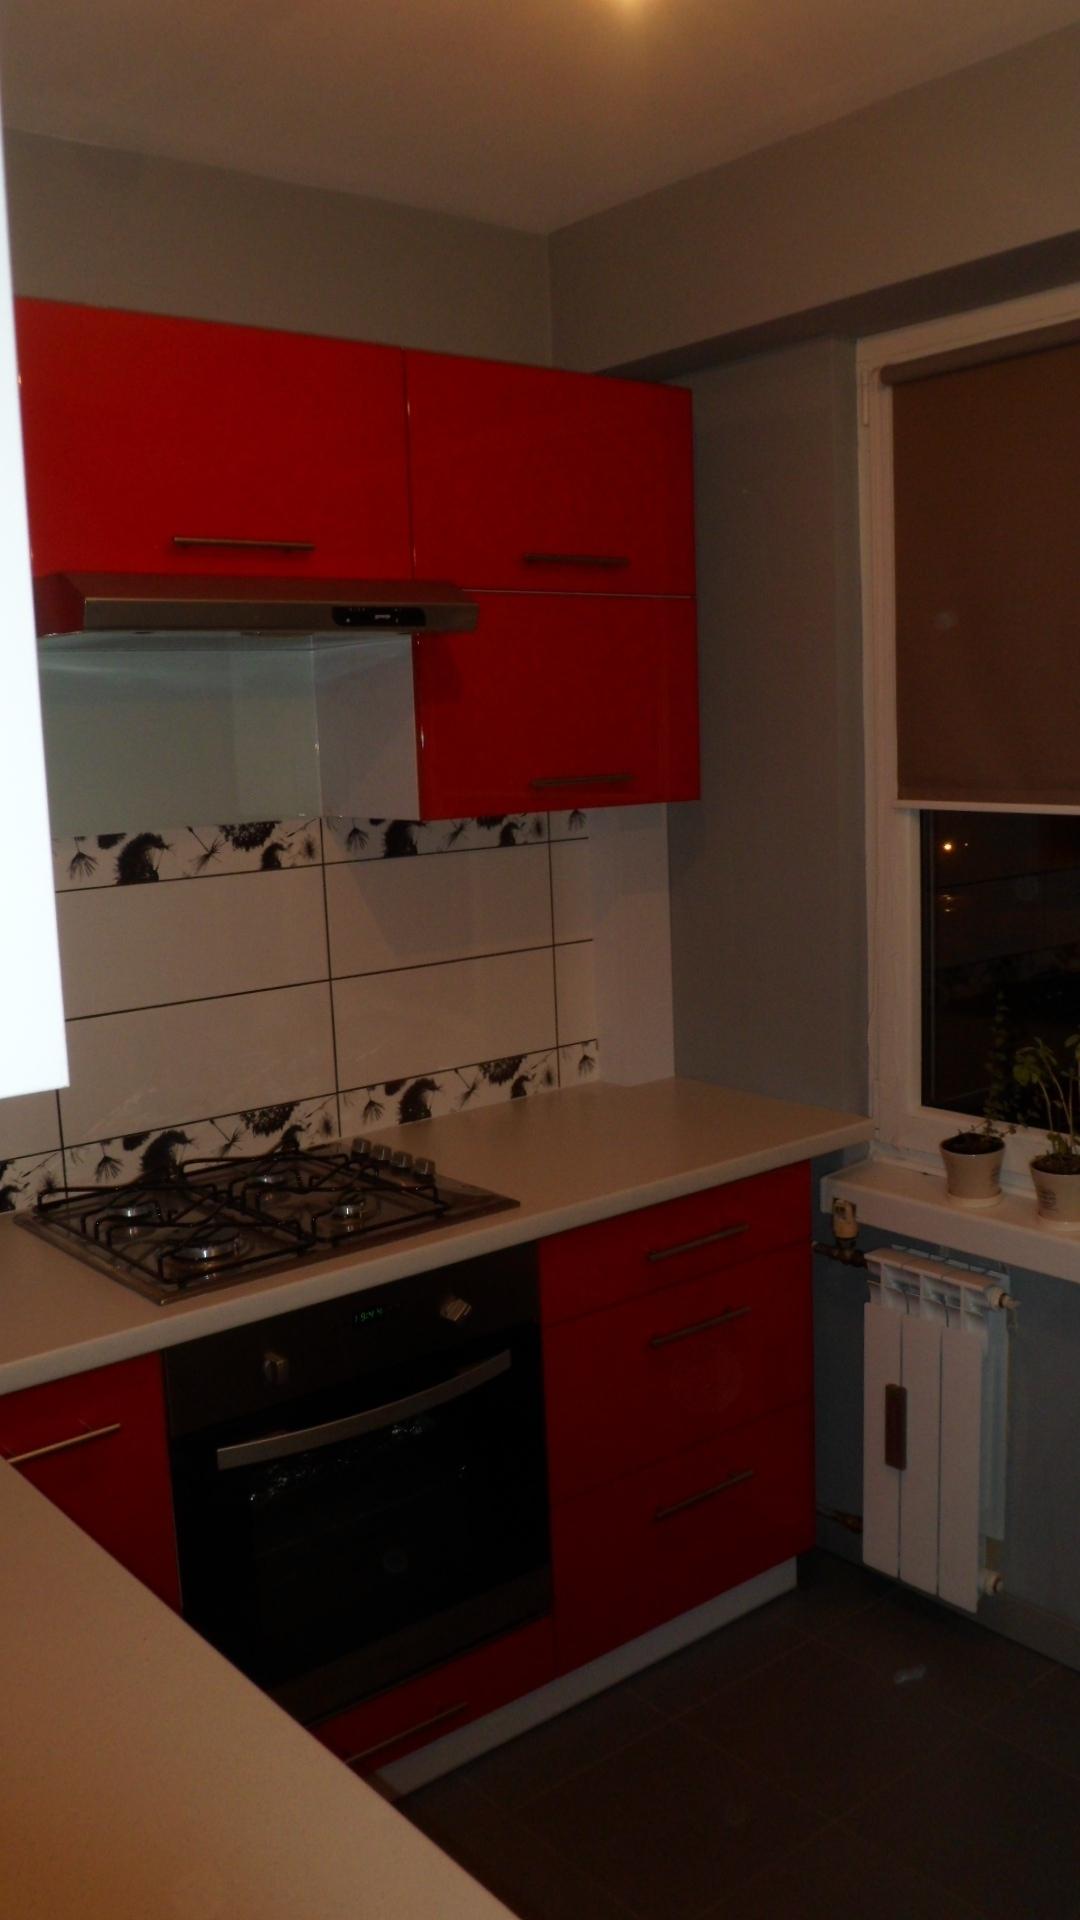 Nowoczesna kuchnia biało czerwona -> Kuchnia Na Wymiar W Bloku Cena